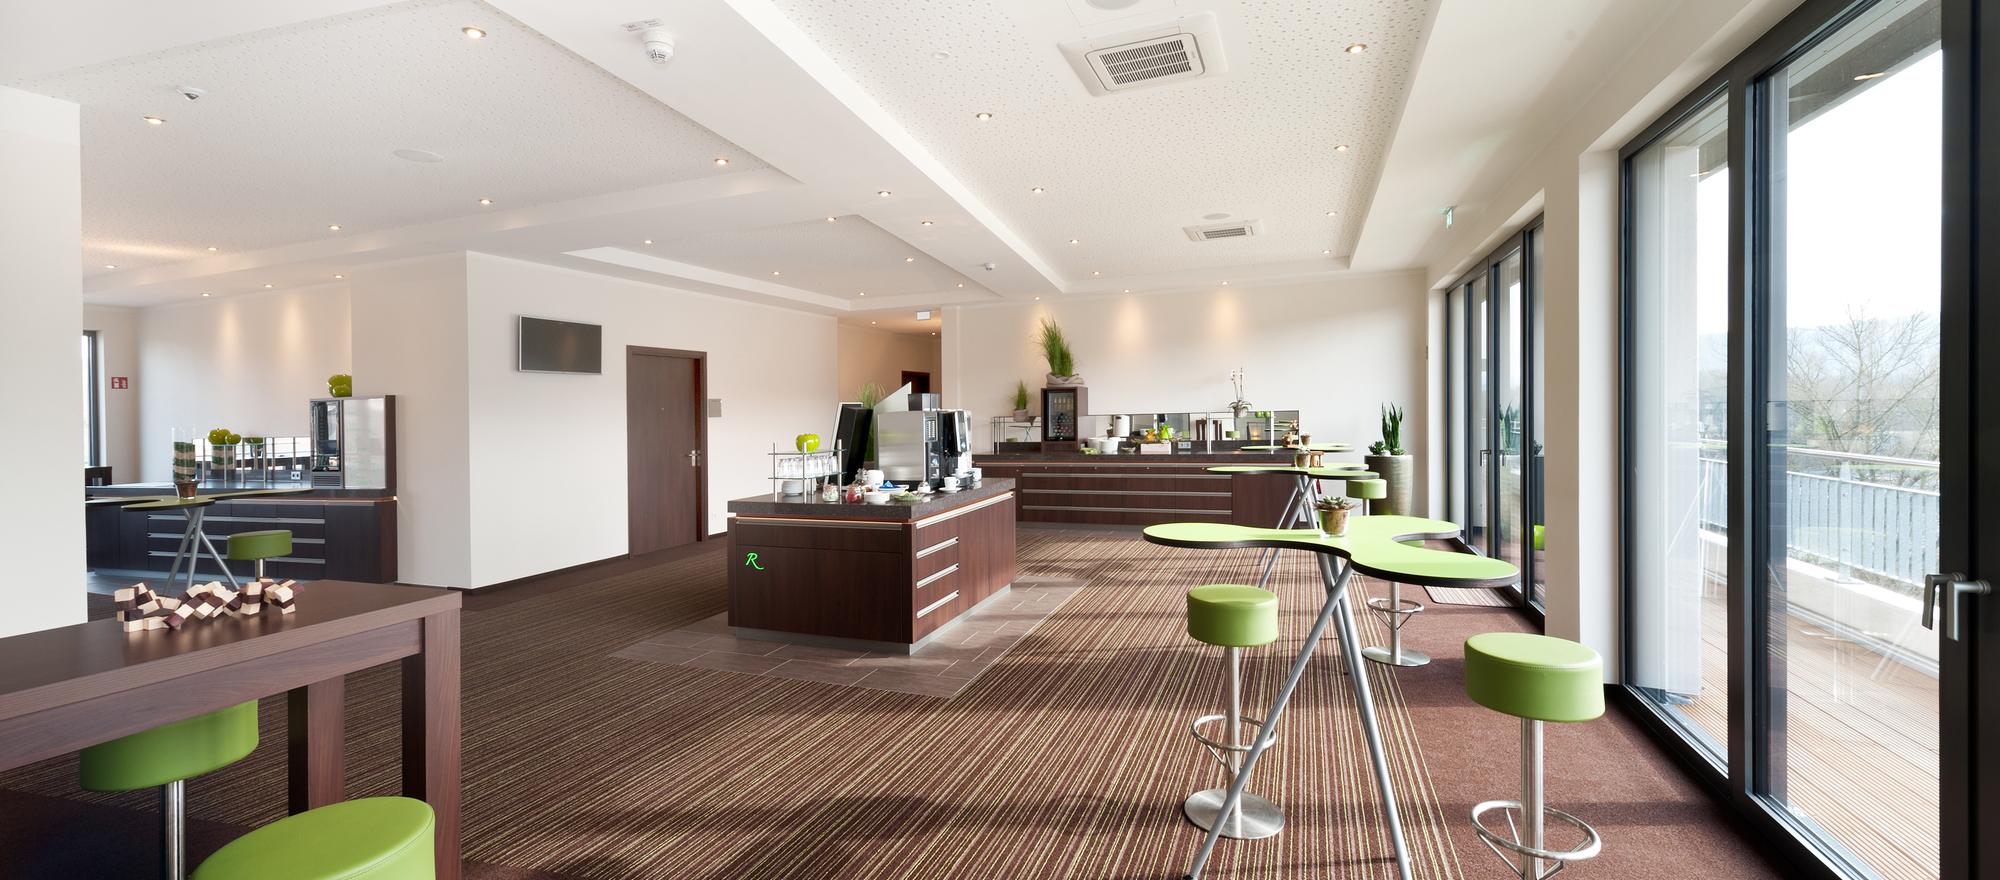 Ringhotel zweibr cker hof in herdecke nordrhein westfalen for 4 sterne hotel dortmund